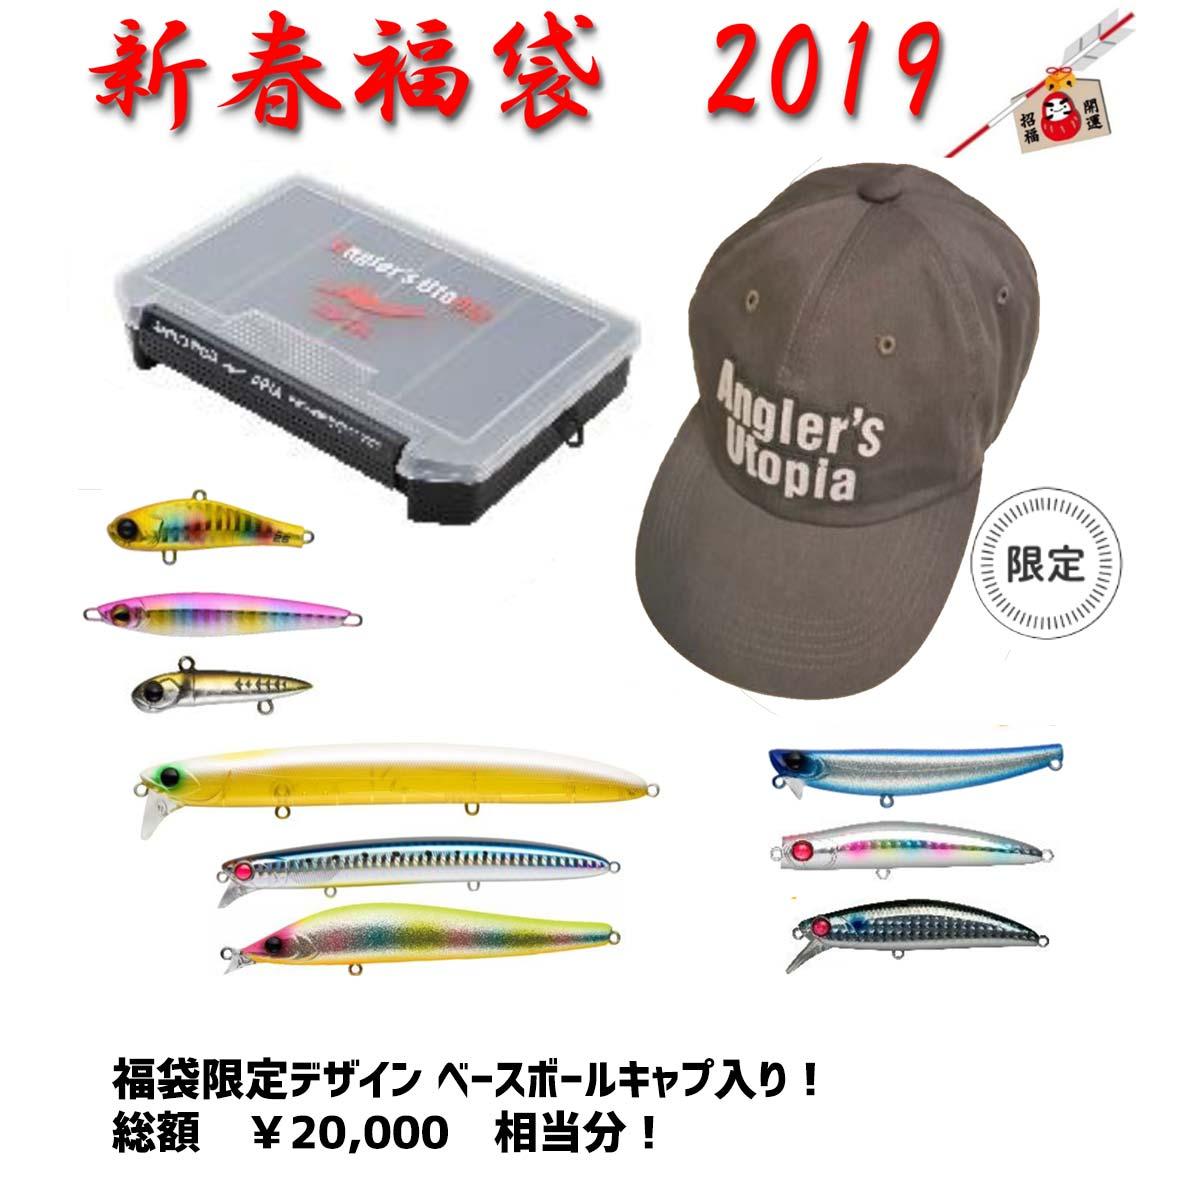 【アピア(APIA)】2019年 新春福袋